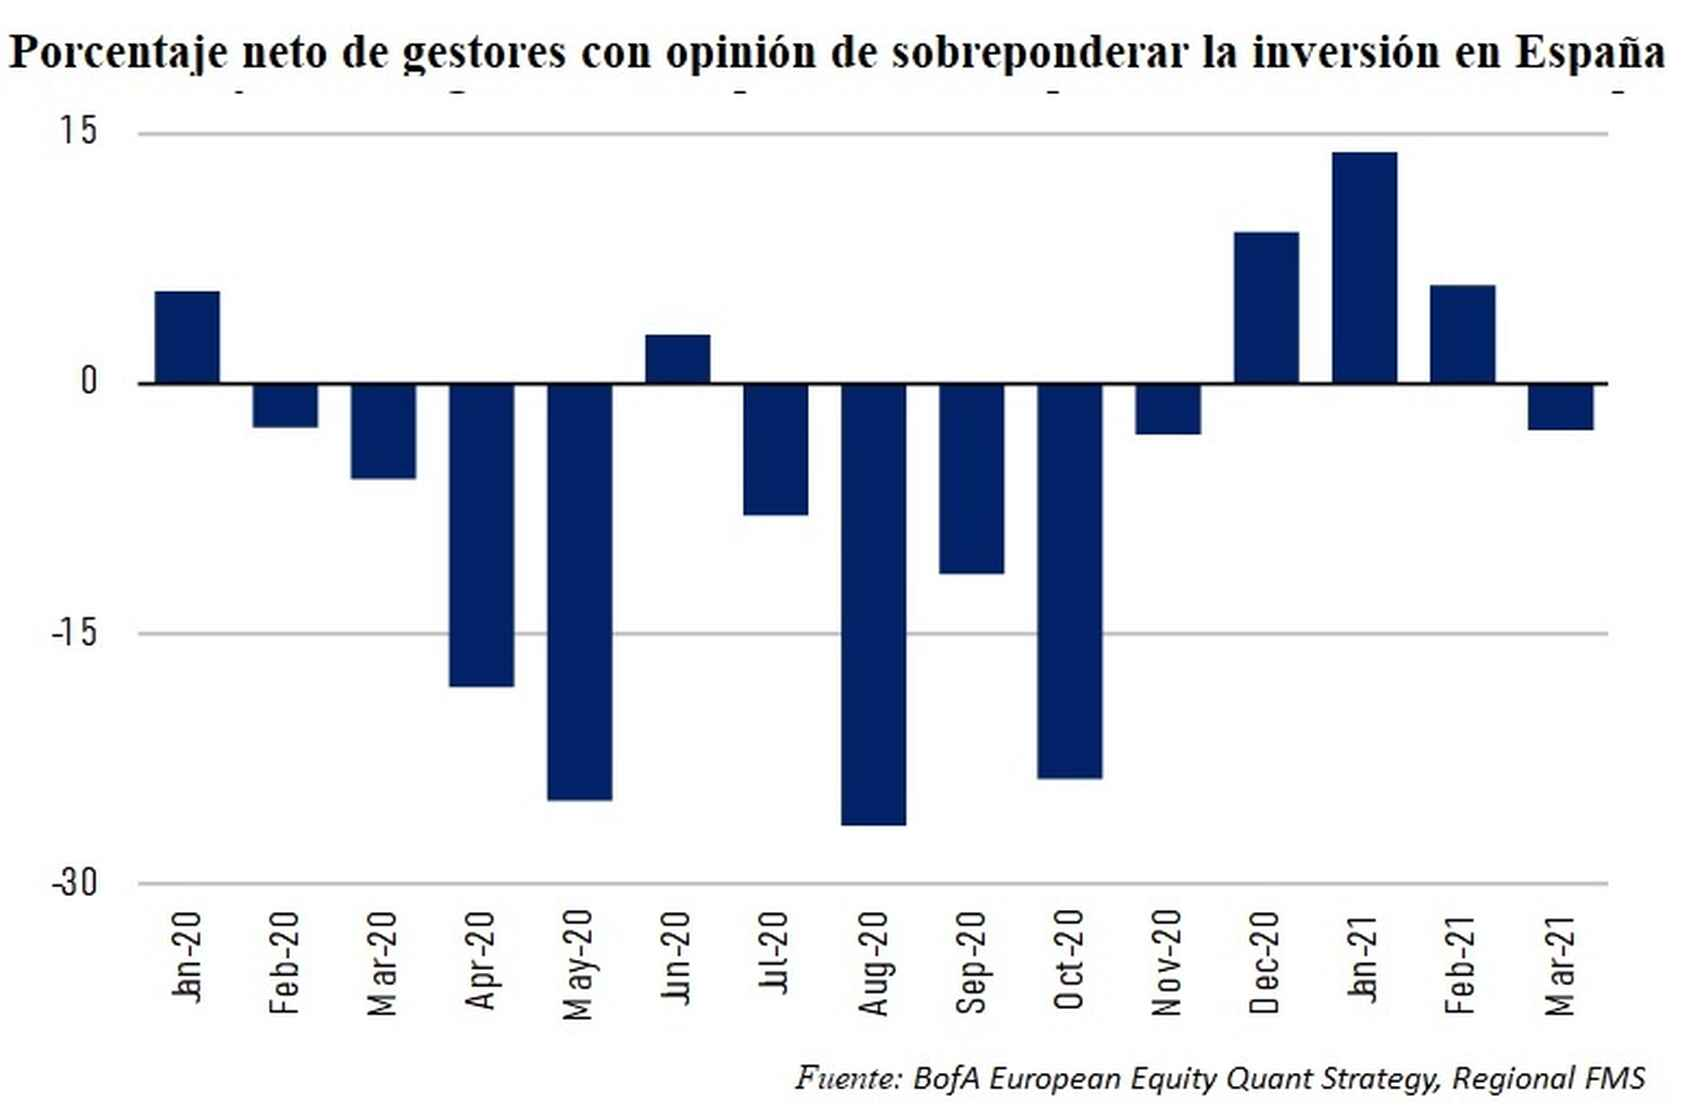 Evolución del sentimiento inversor hacia España en el último año.